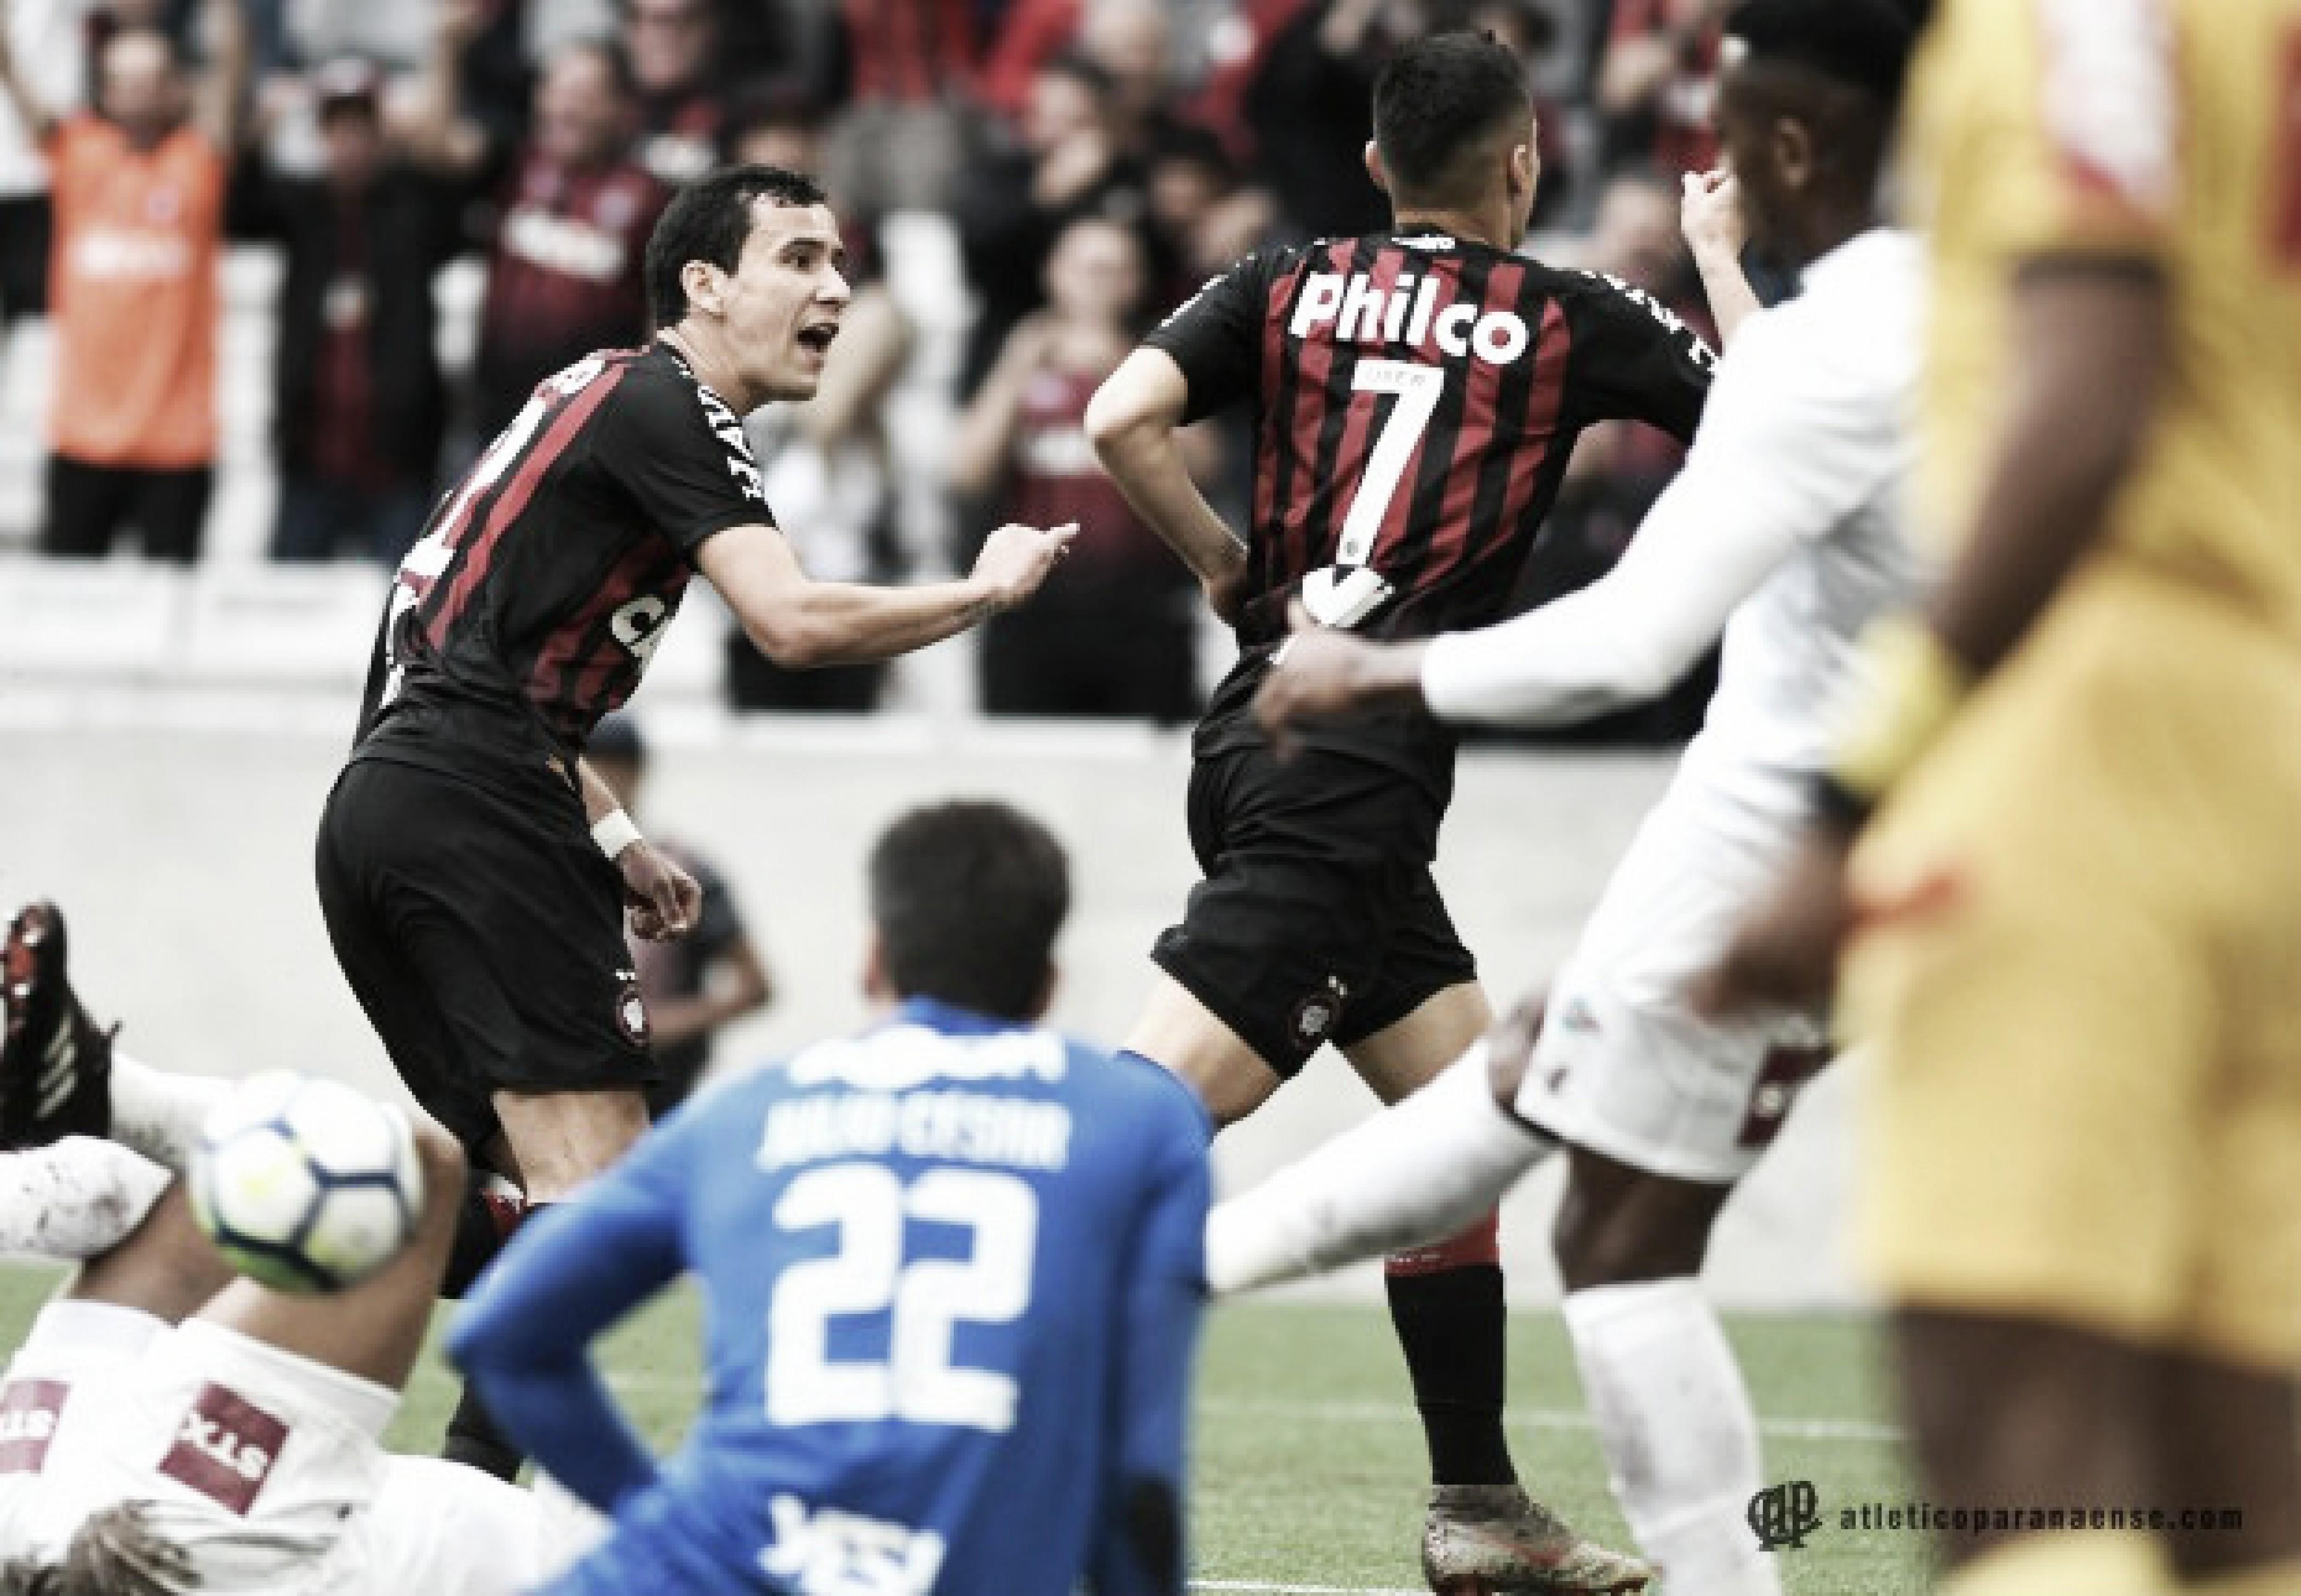 Atlético-PR bate Fluminense na Arena da Baixada e encerra jejum de vitórias no Brasileiro